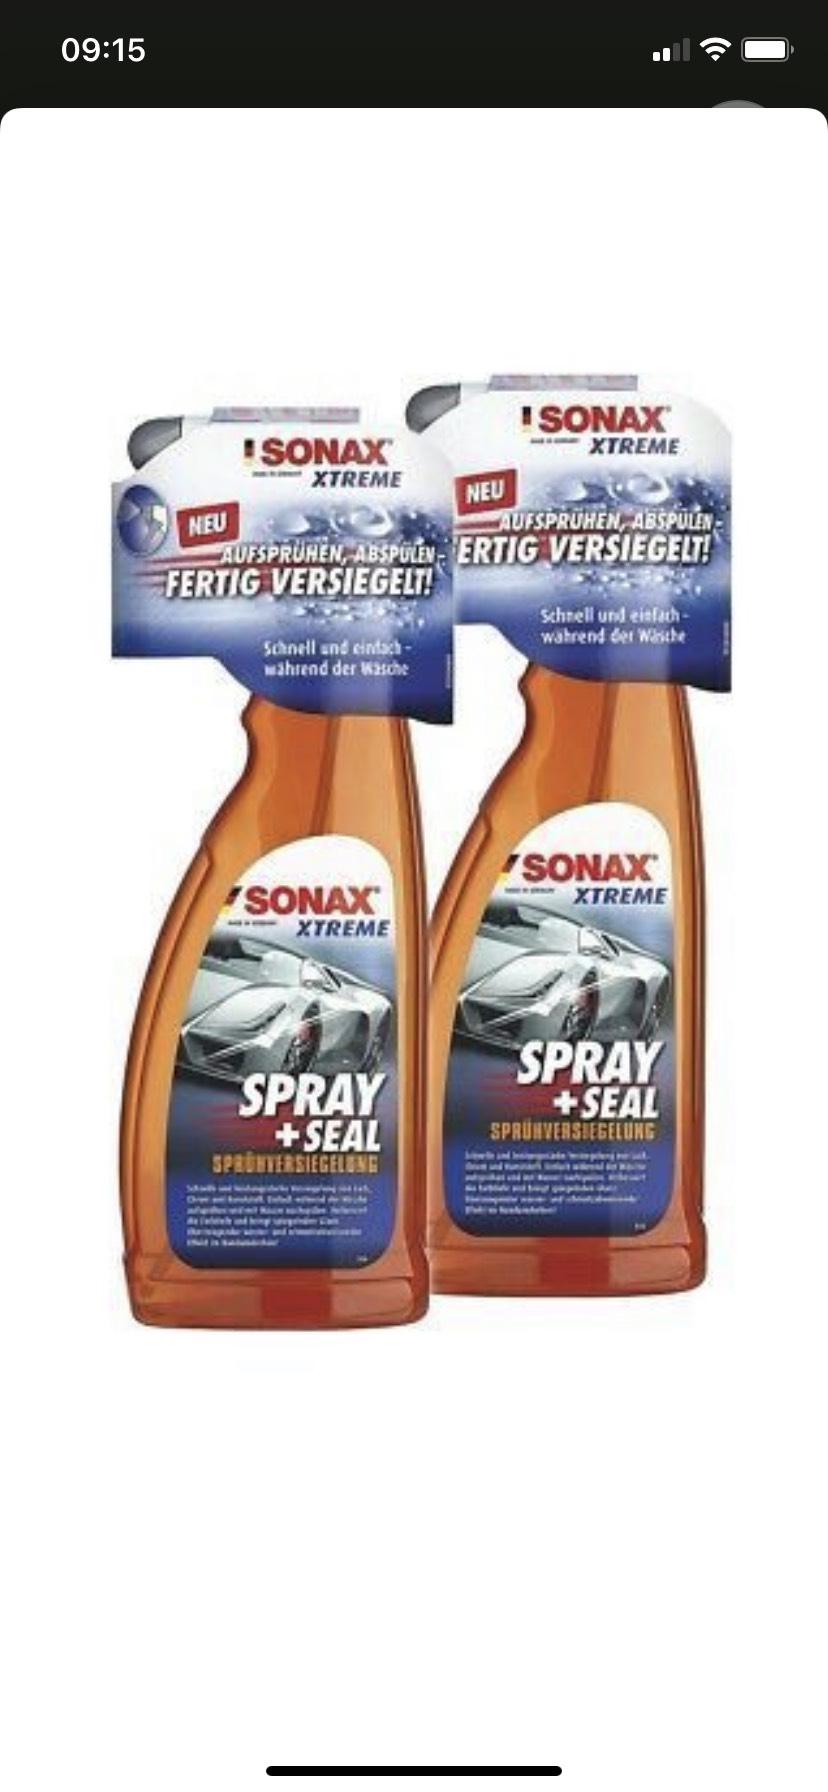 Autopflege-Sammeldeal: Nassversiegelung Sonax Xtreme Spray + Seal Sprühversiegelung